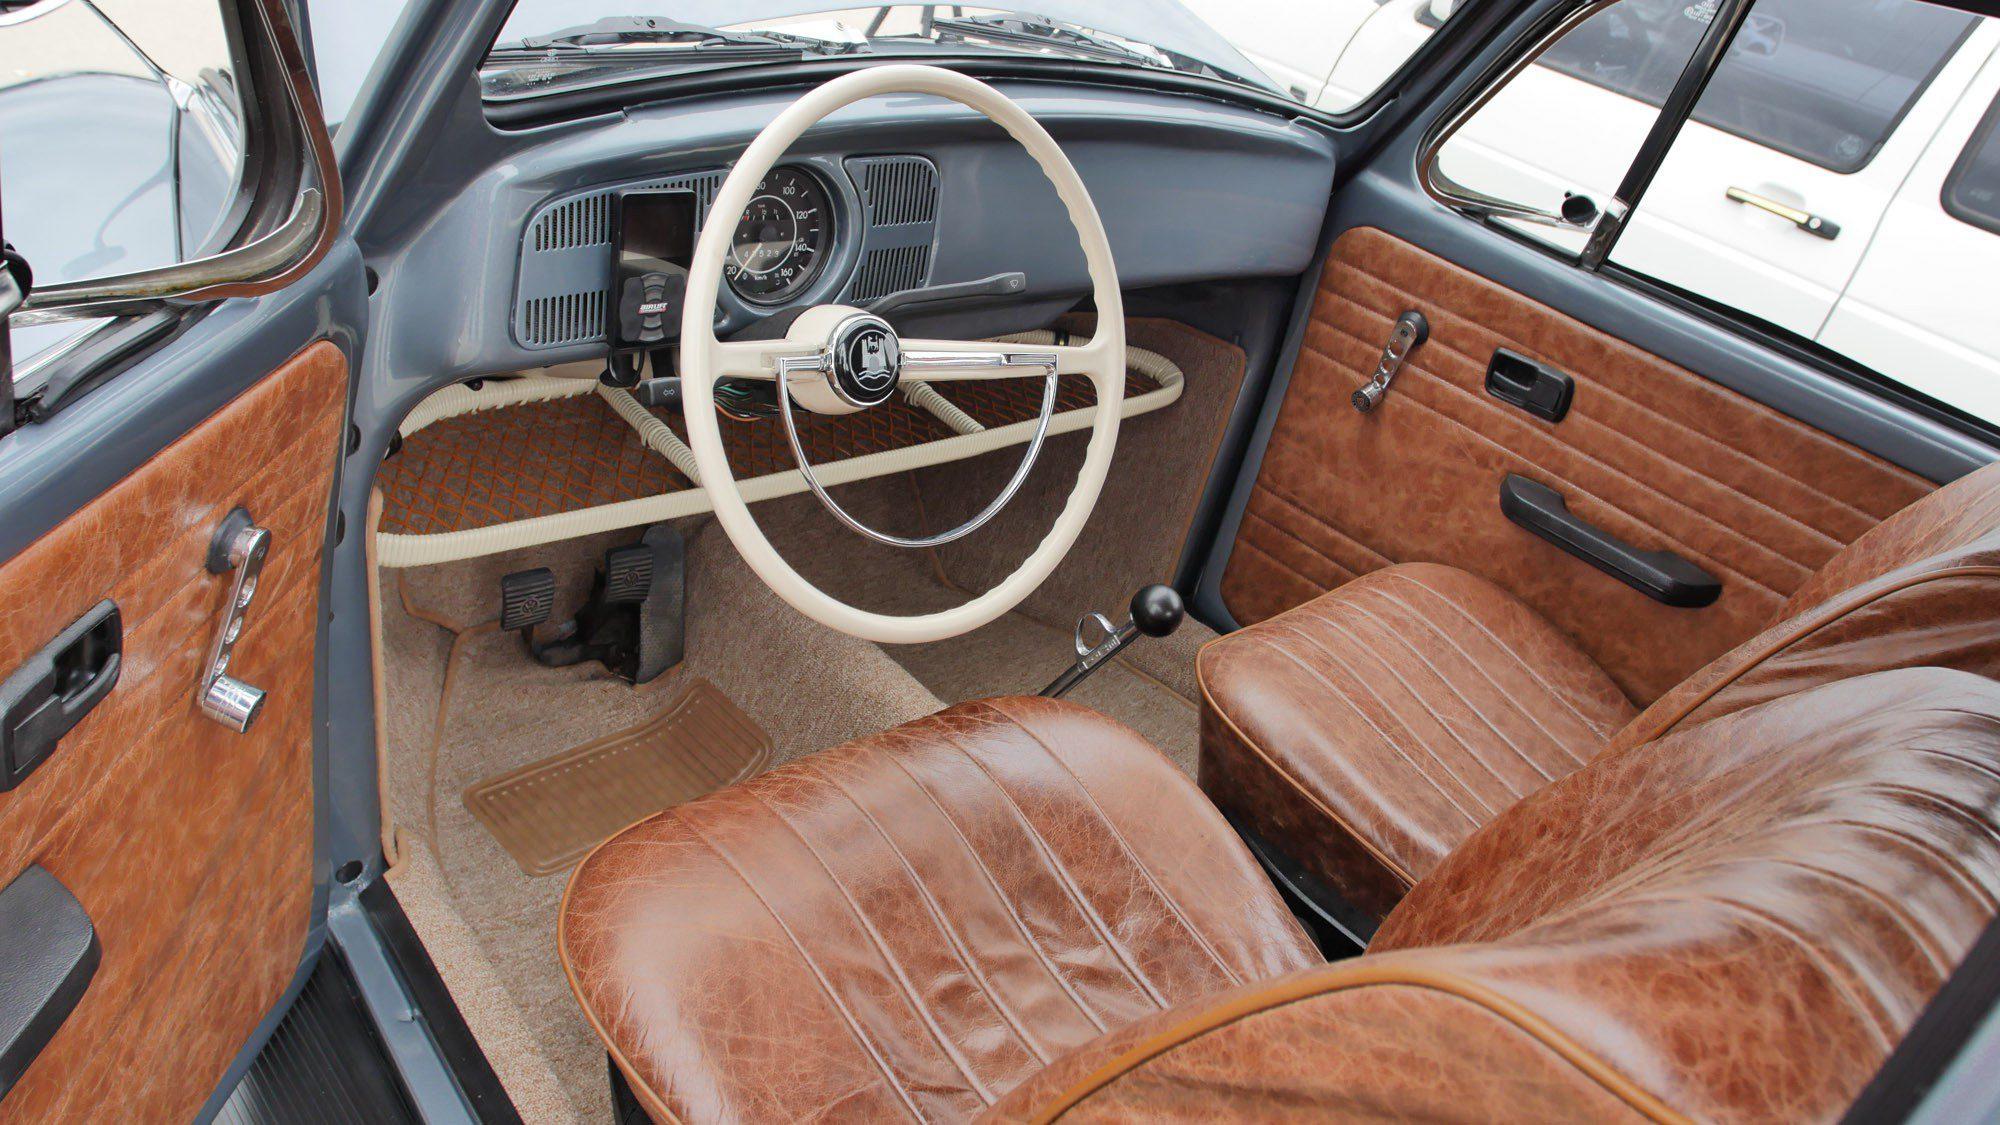 Innenraum des VW Käfer